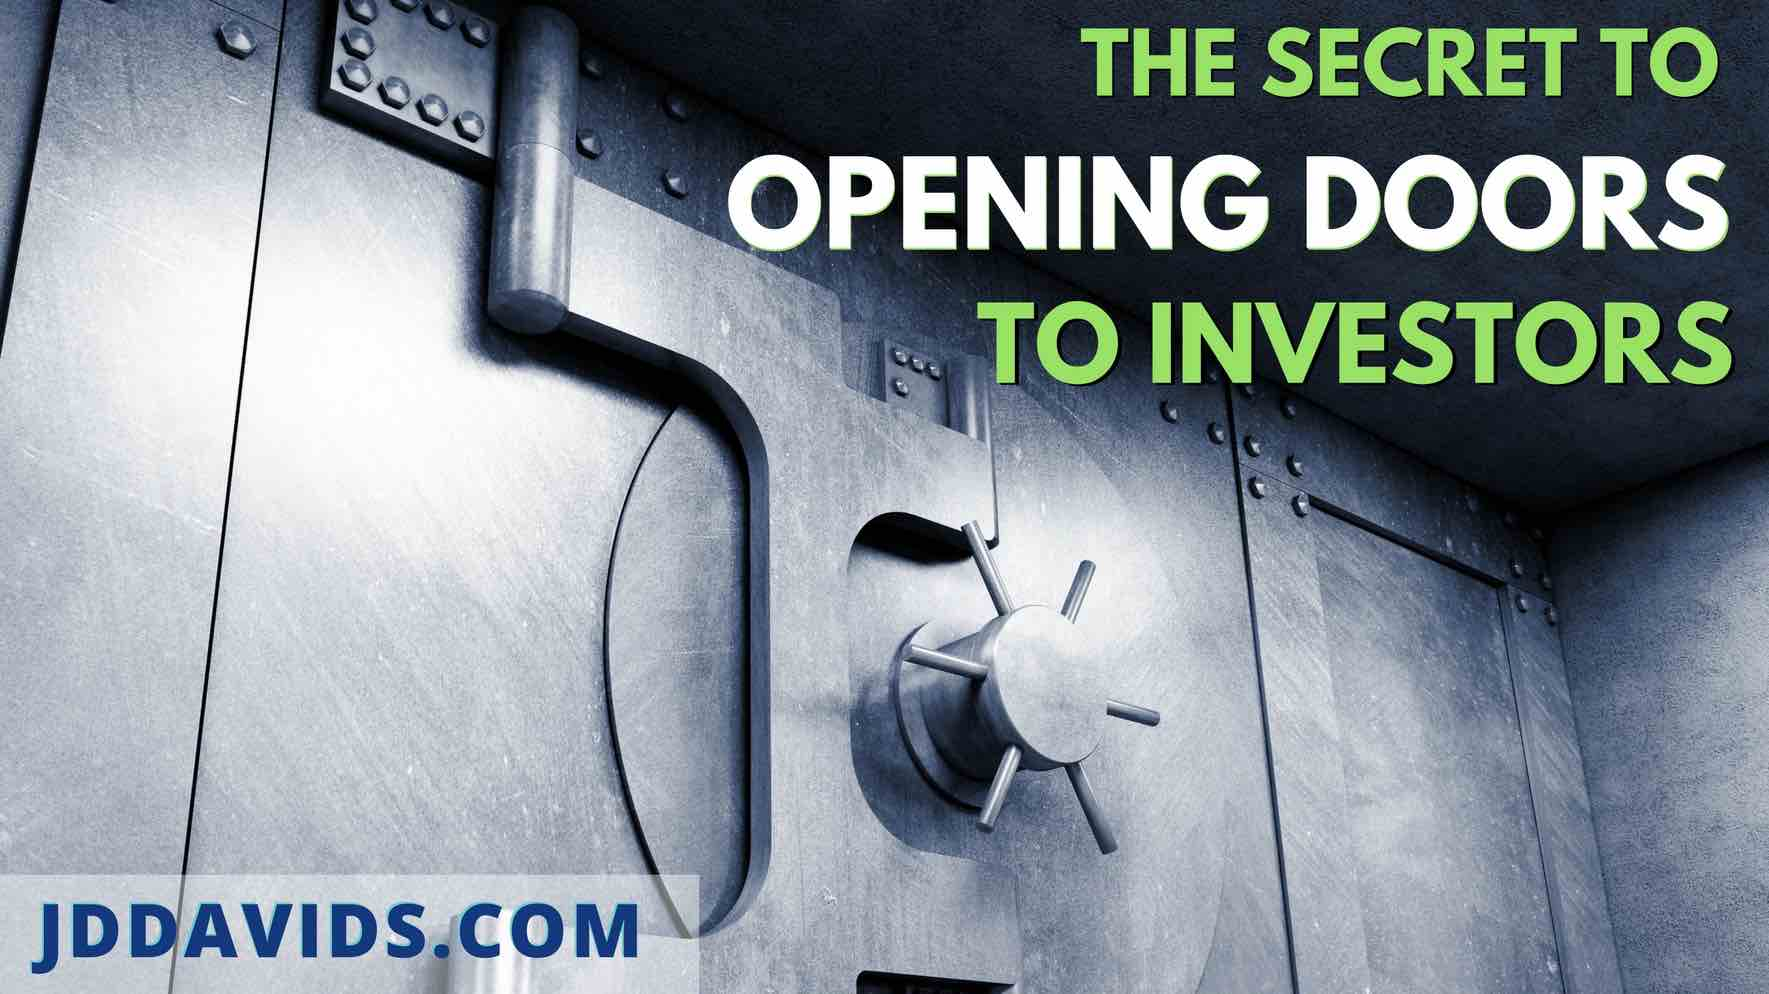 The Secret to Opening Doors to Investors